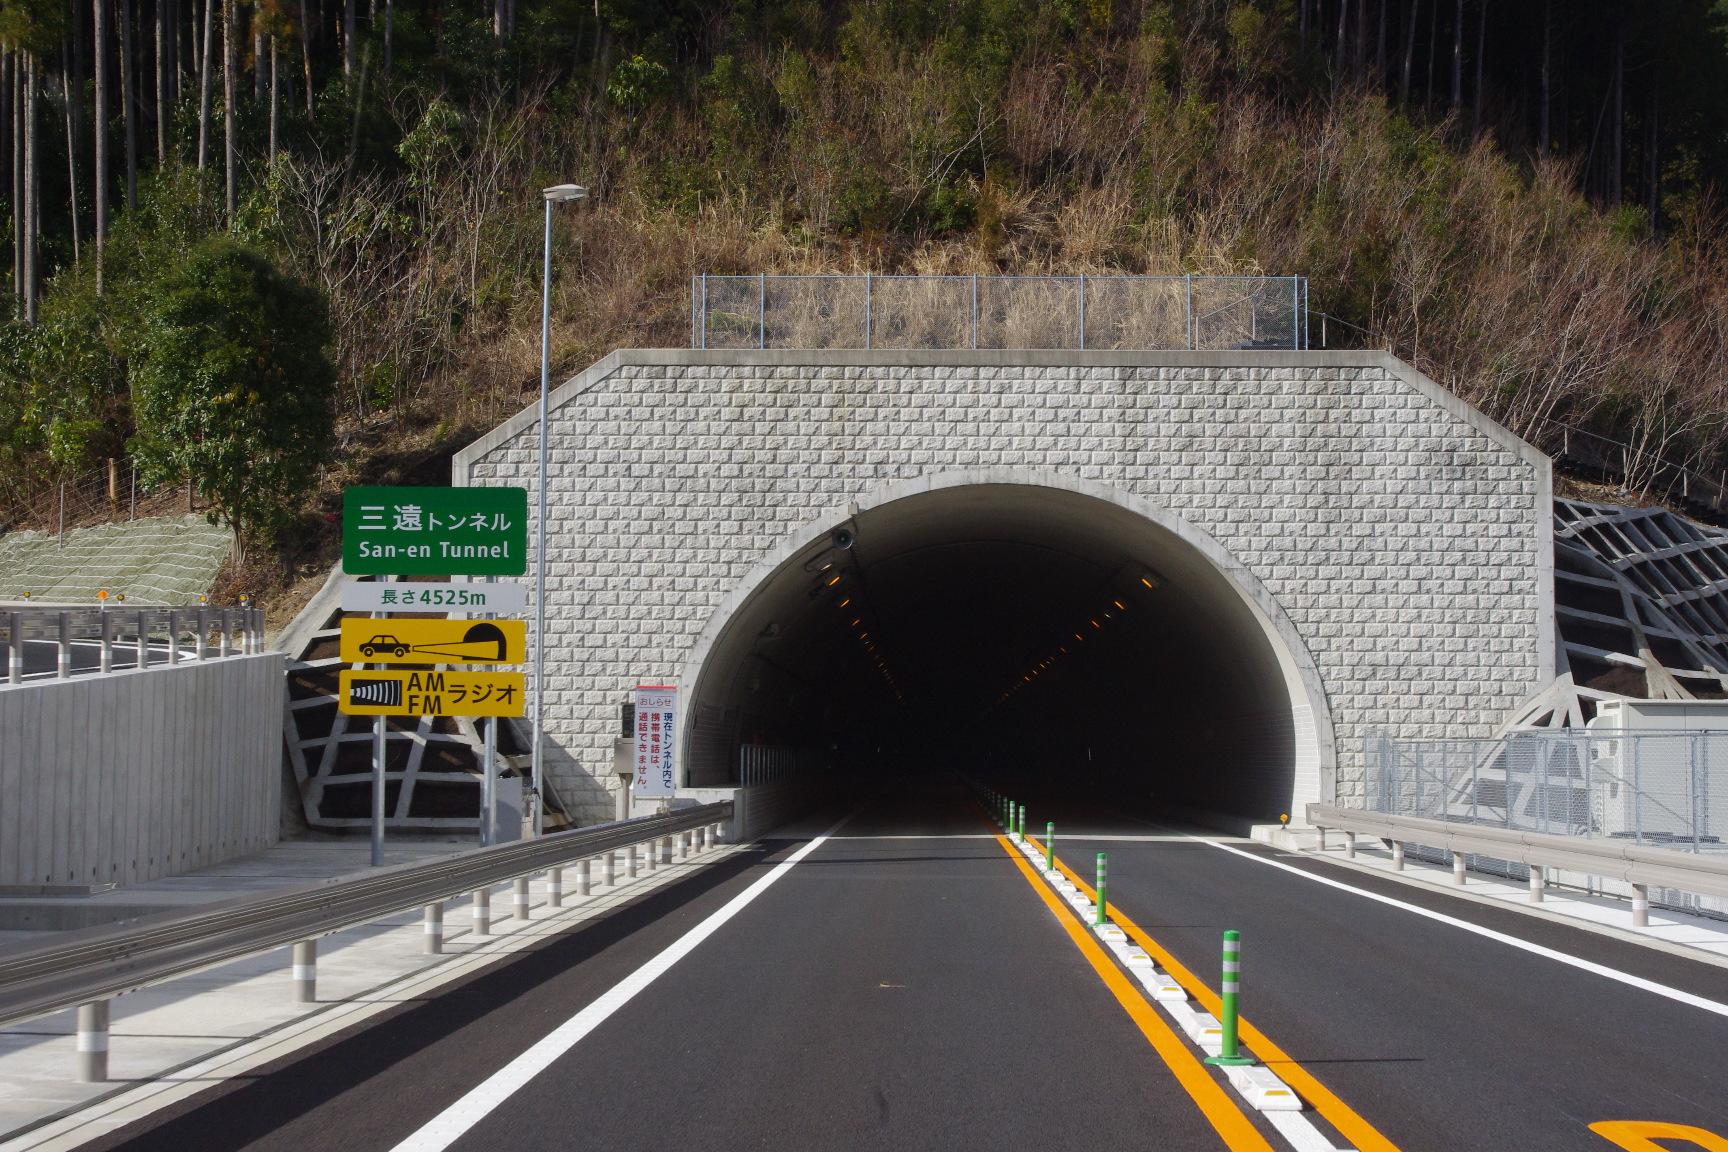 「三遠トンネル」4,525m